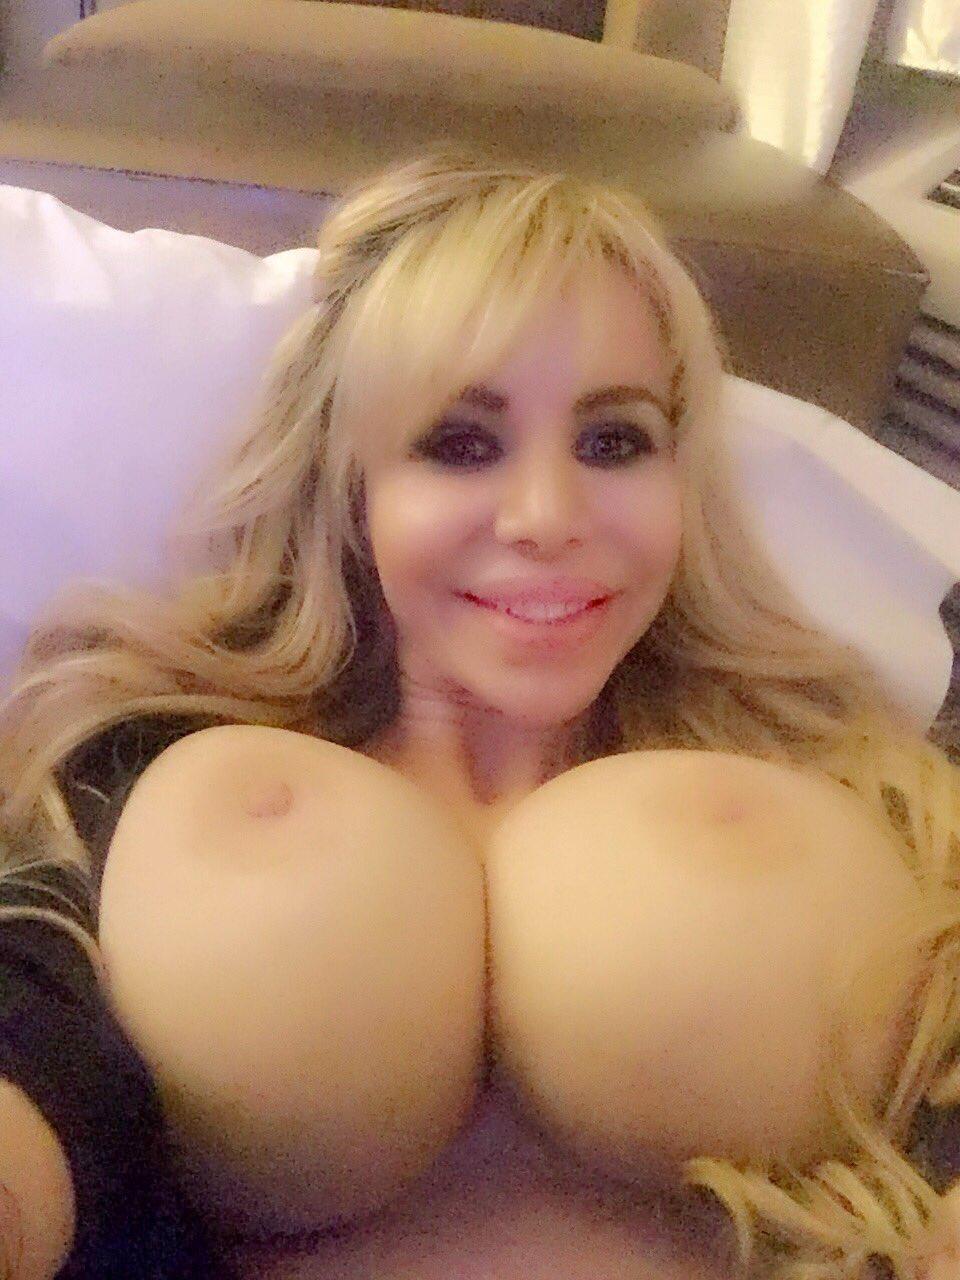 Busty stepmom danielle derek gets fucked - 1 part 3